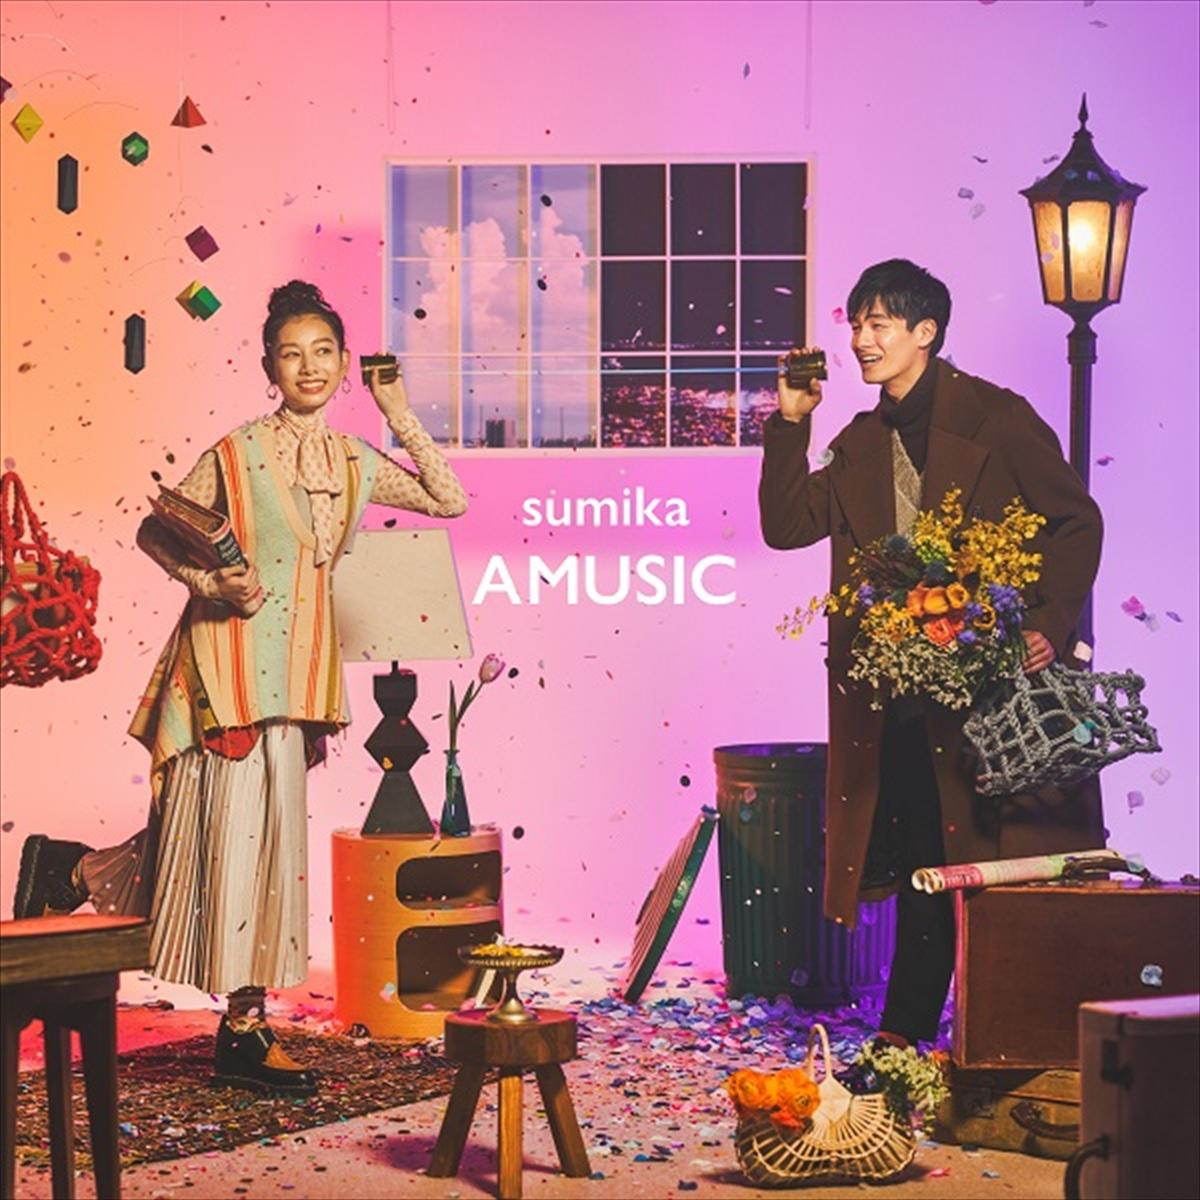 sumika 3rd Full Album「AMUSIC」